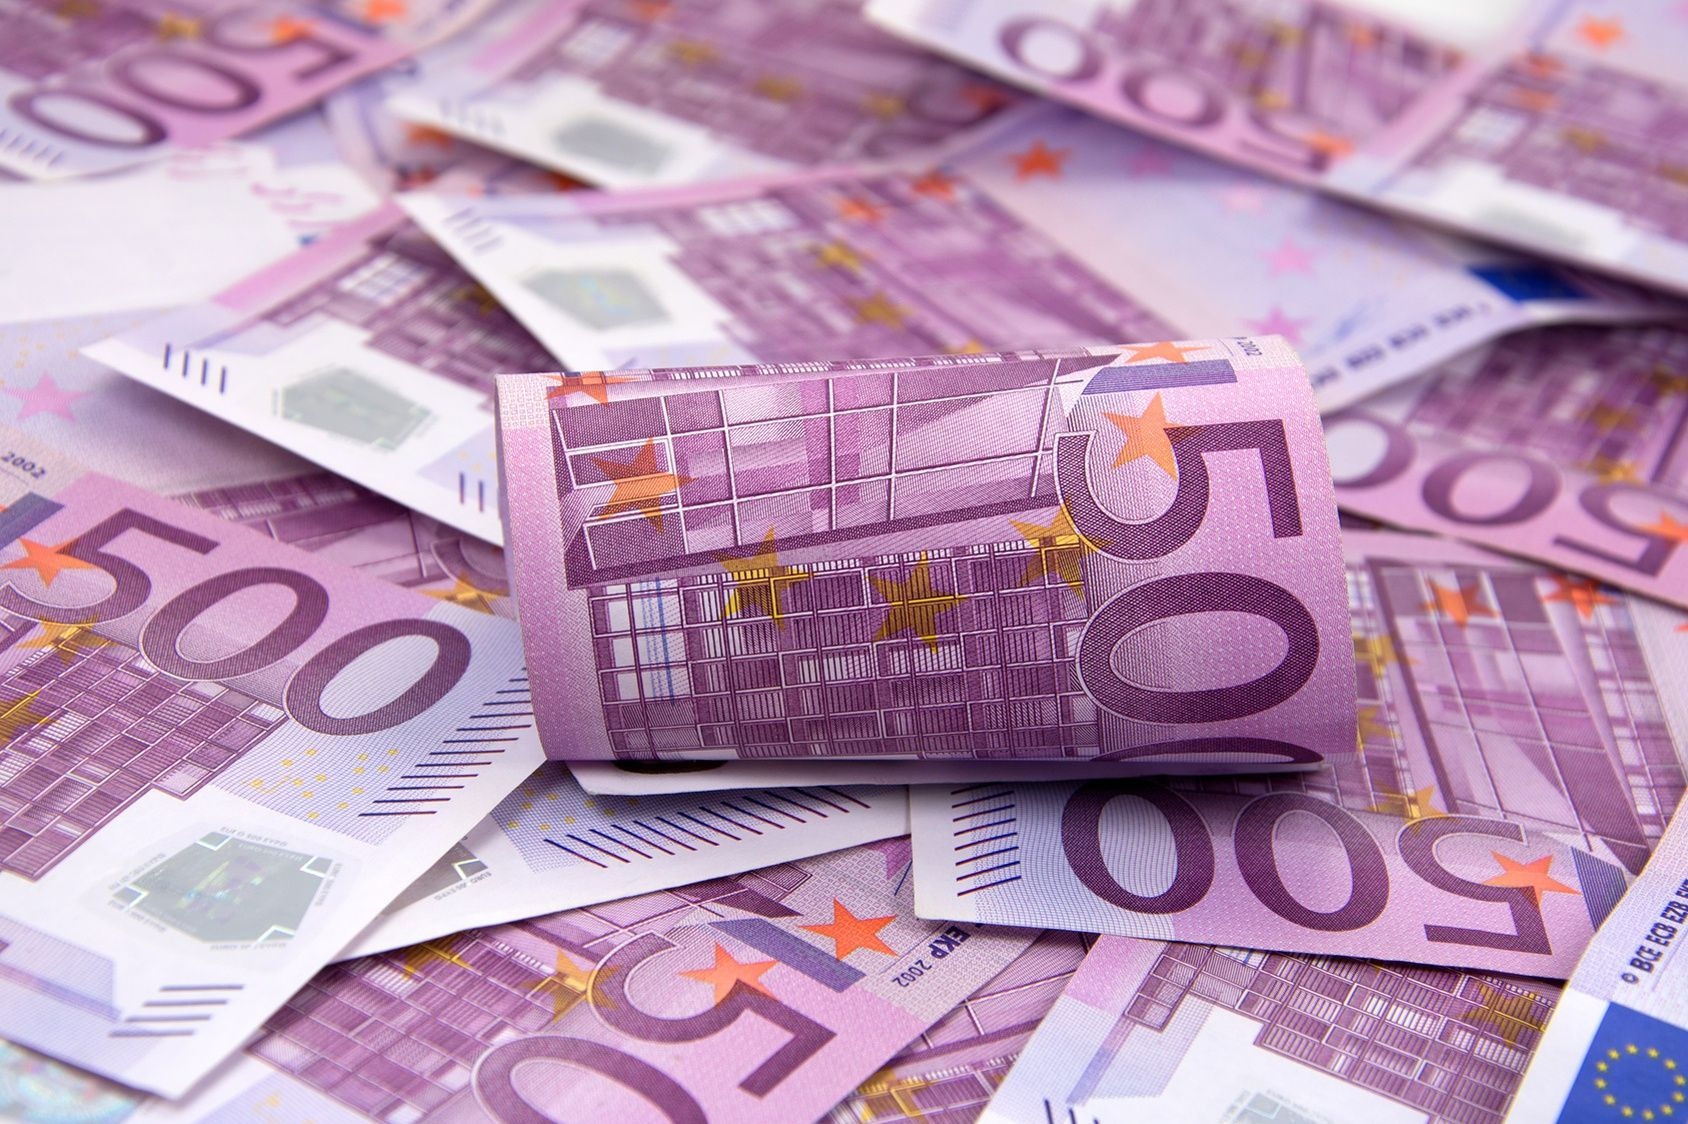 La Bce Va Cesser D'imprimer Les Billets De 500 Euros Fin 2018 à Billet Euro A Imprimer